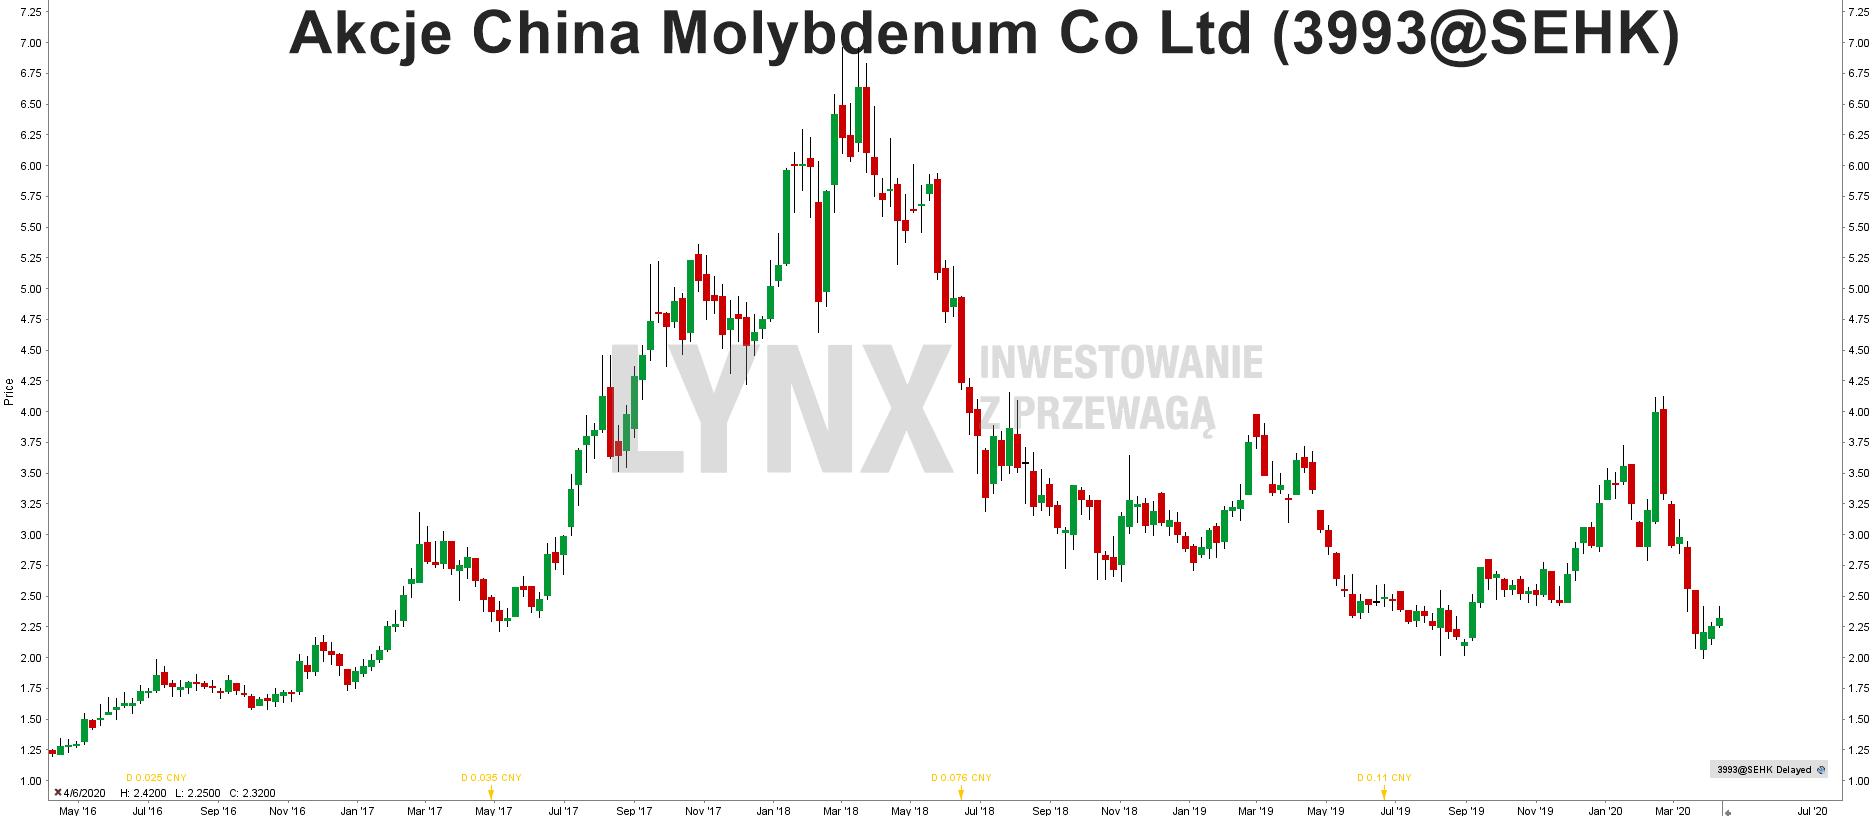 Akcje China Molybdenum